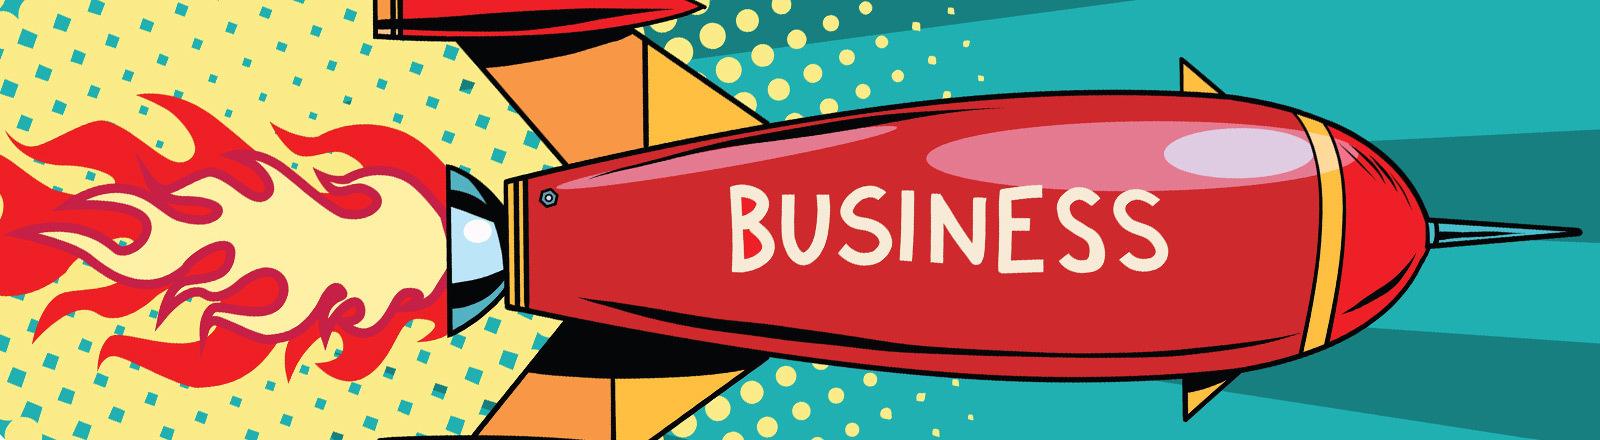 Auf einer Rakete, die abhebt, steht das Wort Business.